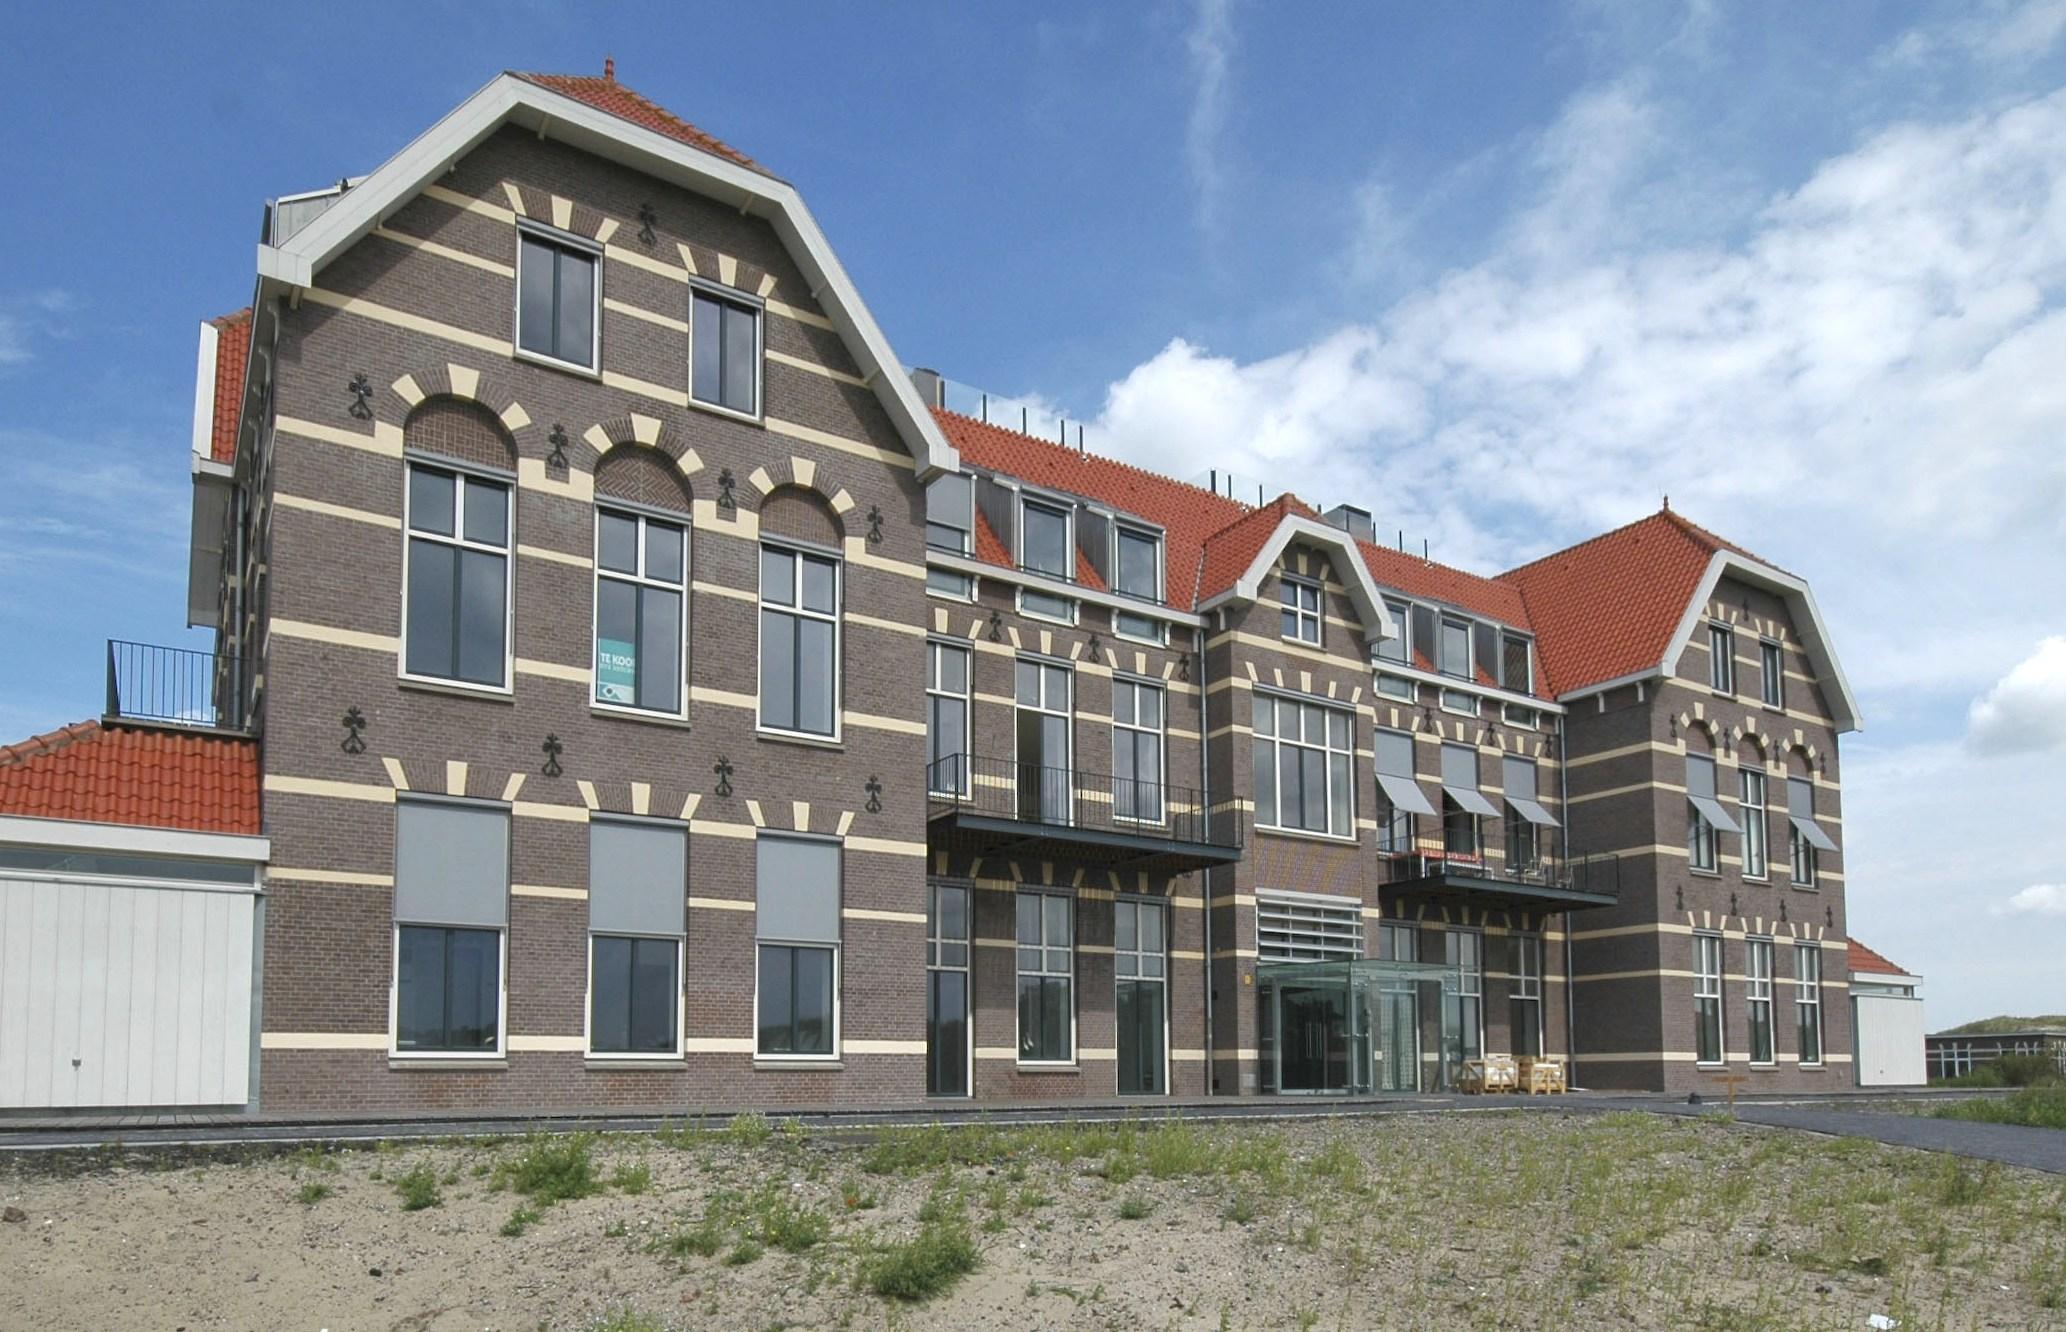 Koloniehuis, Egmond aan Zee (3)